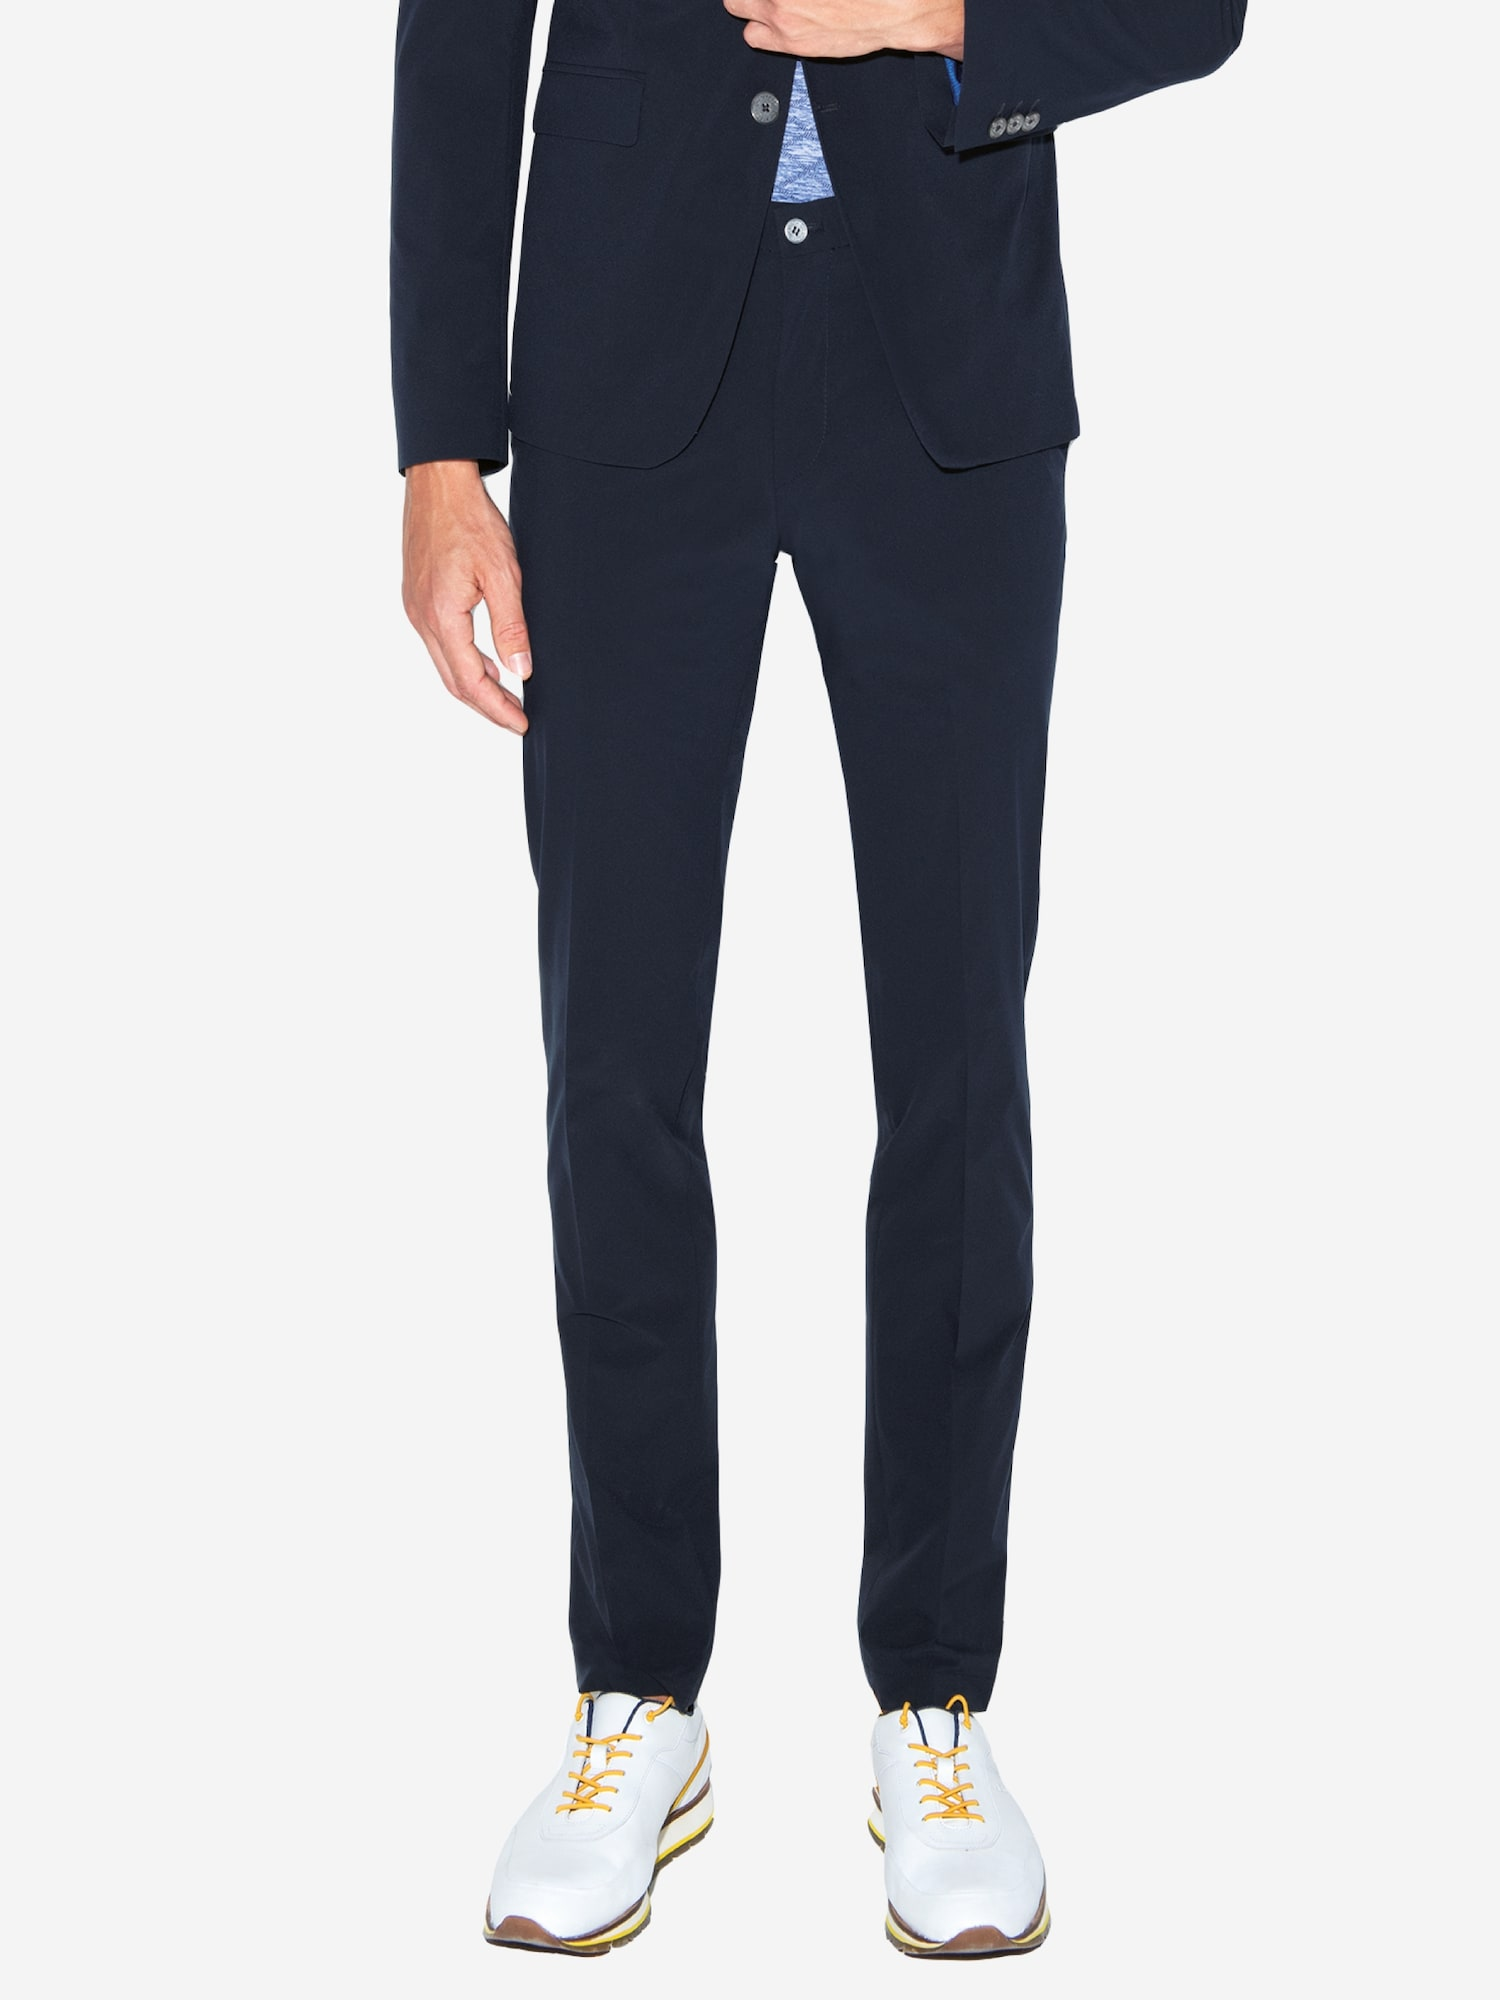 daniel hechter - Anzug-Hose